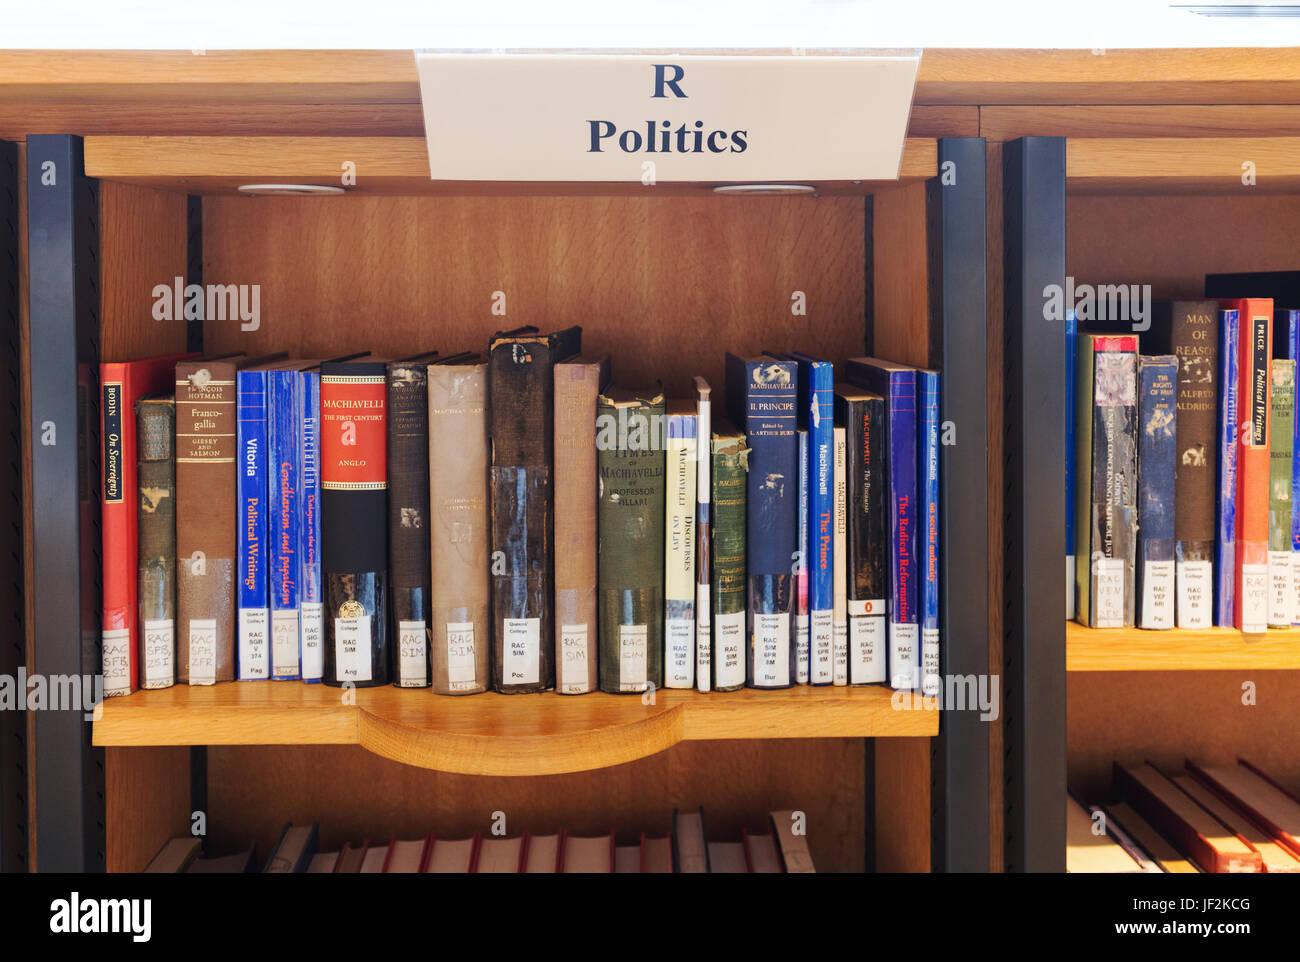 La política libros en una biblioteca en los estantes de las bibliotecas, Inglaterra Imagen De Stock